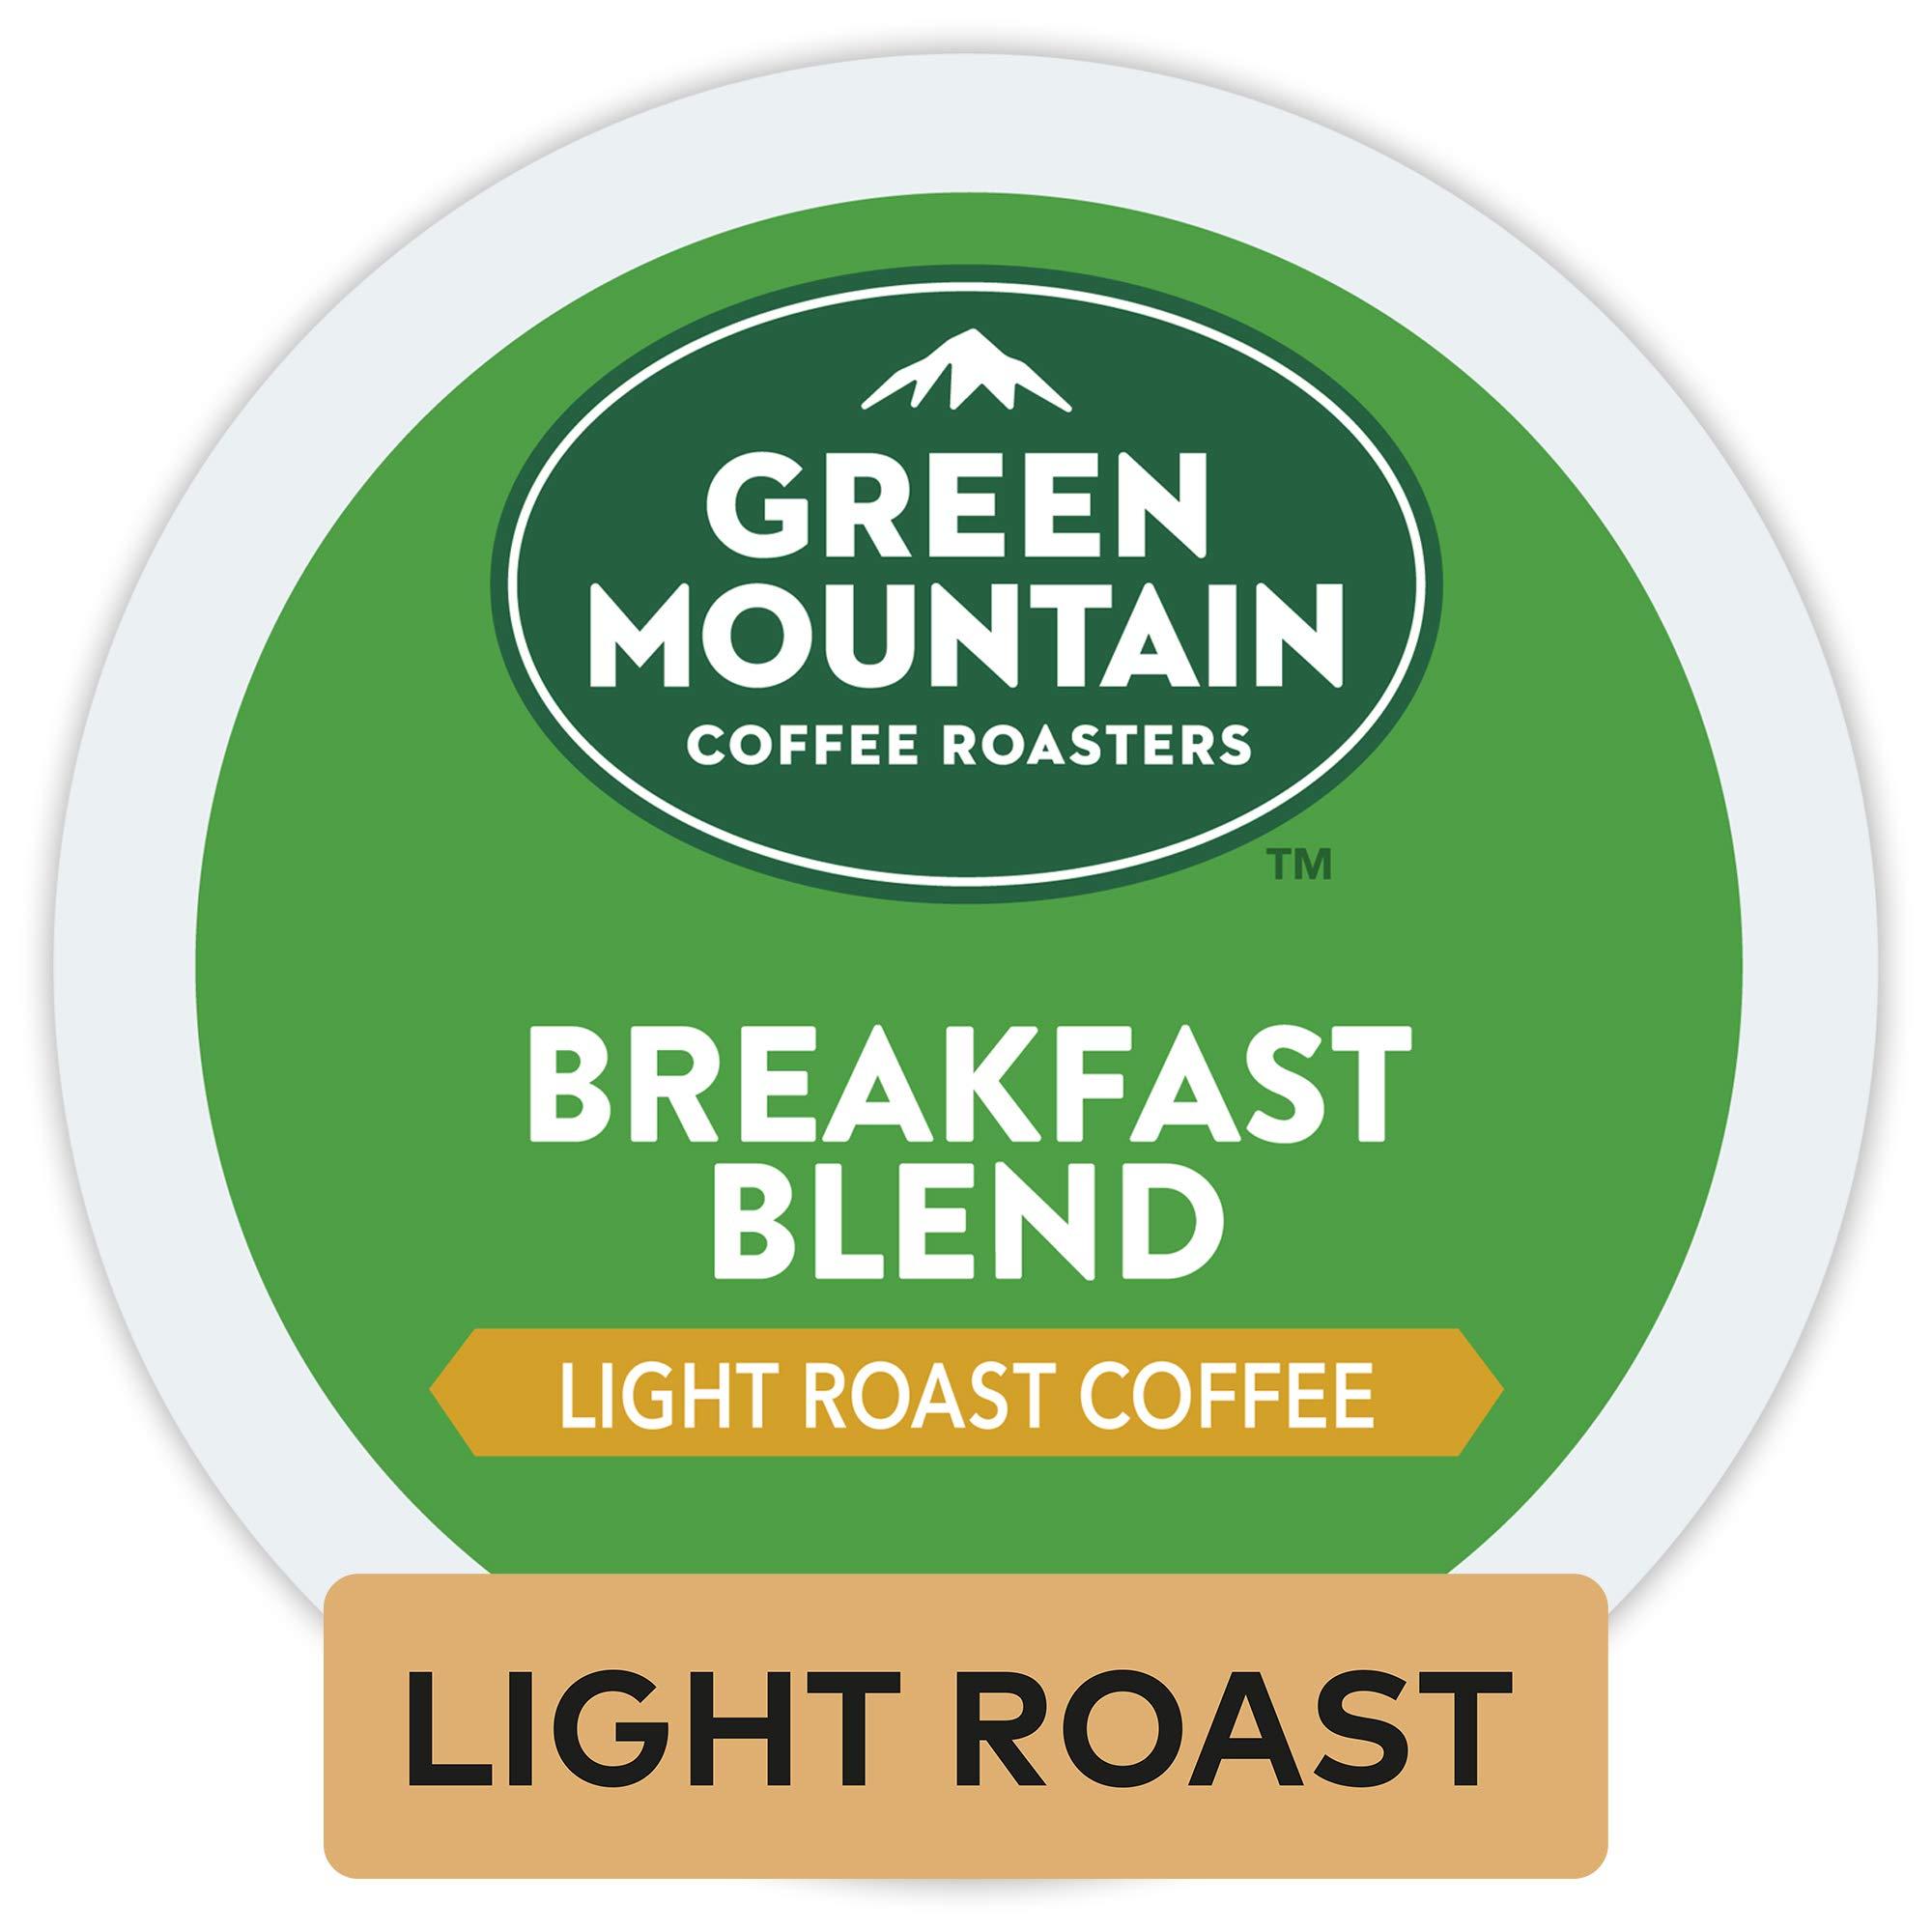 Green Mountain Coffee Roasters Breakfast Blend, Single Serve Coffee K-Cup Pod, Light Roast, 12 Count, Pack of 6 by Green Mountain Coffee Roasters (Image #1)